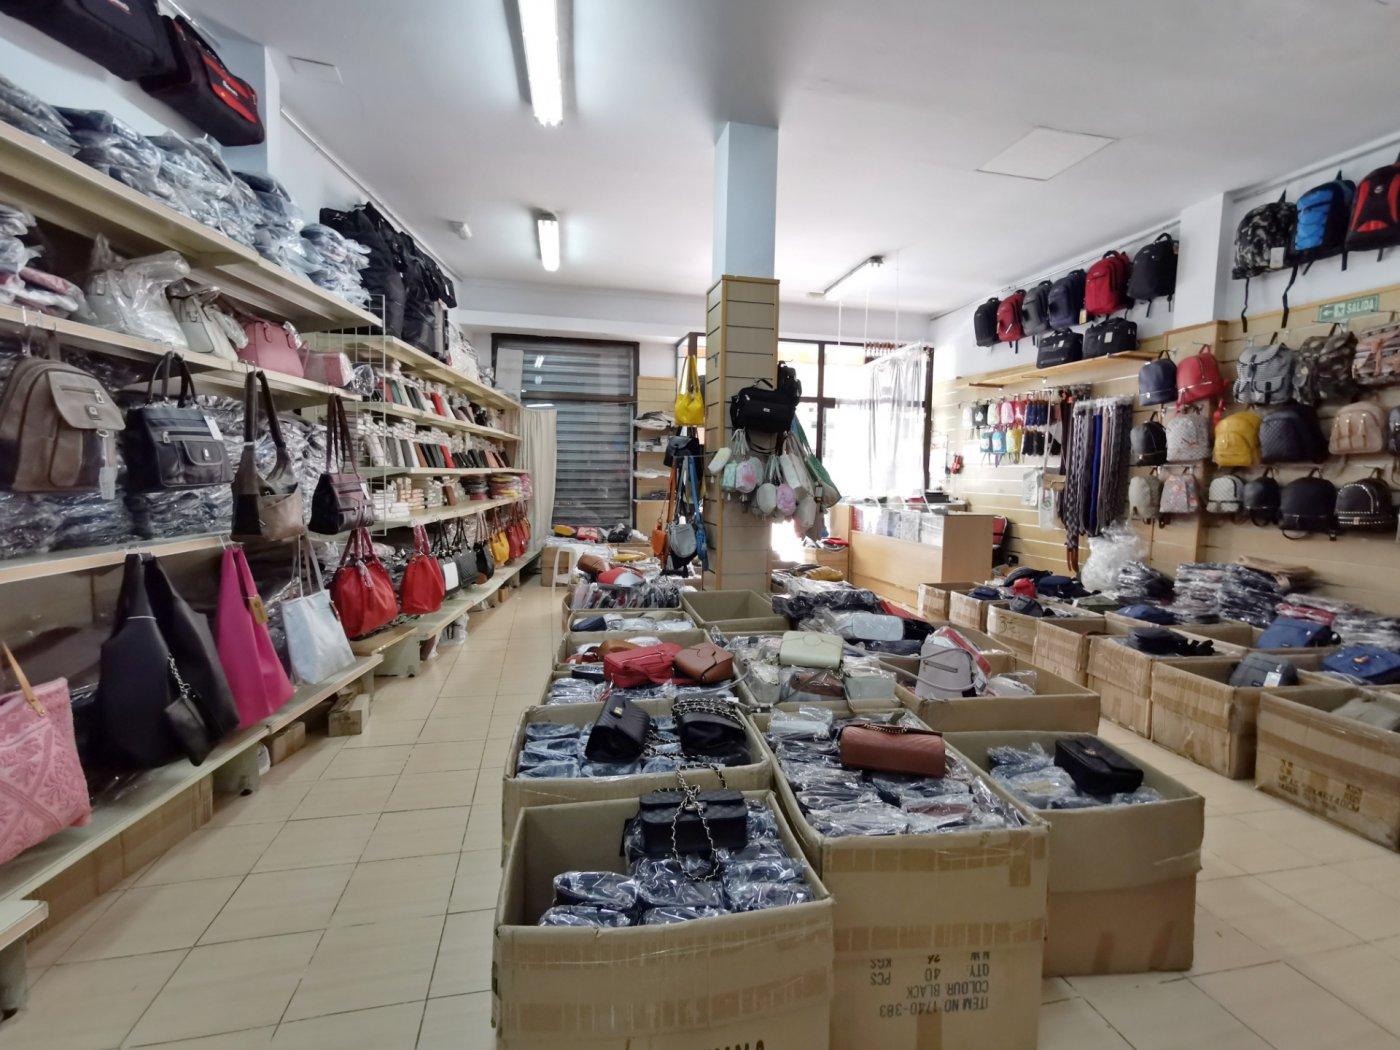 Local en venta en pere garau - imagenInmueble3